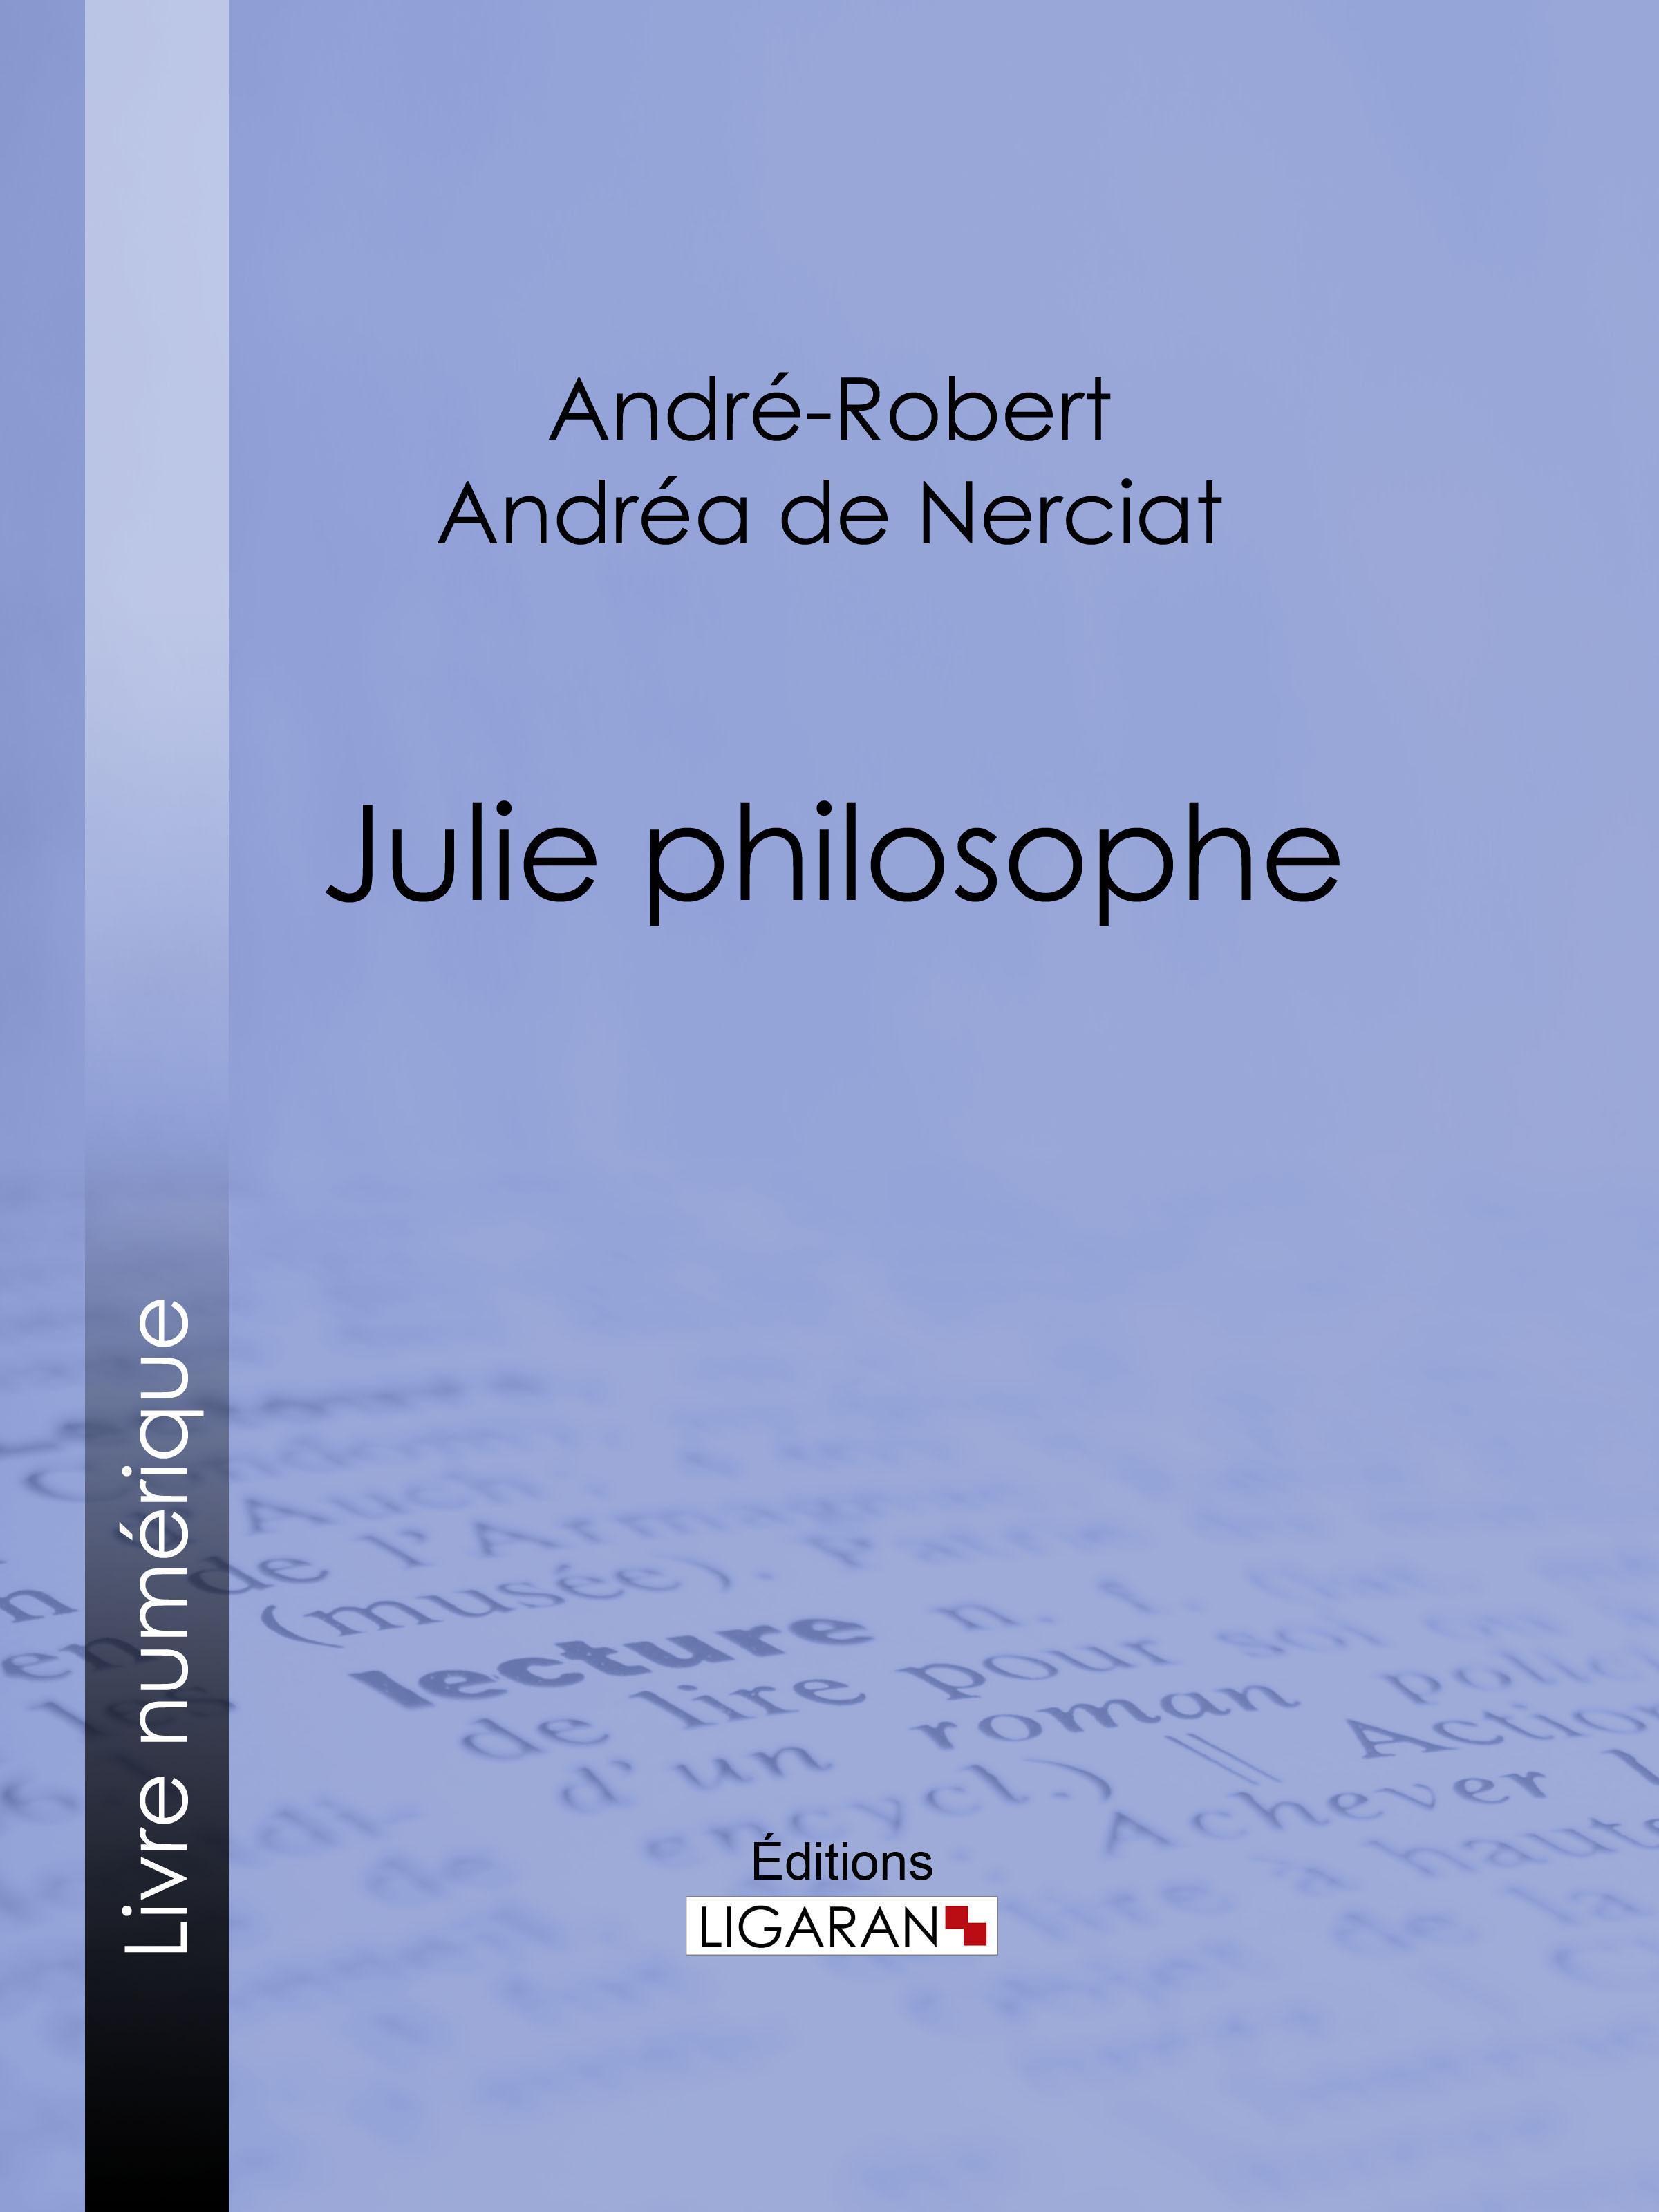 Julie philosophe